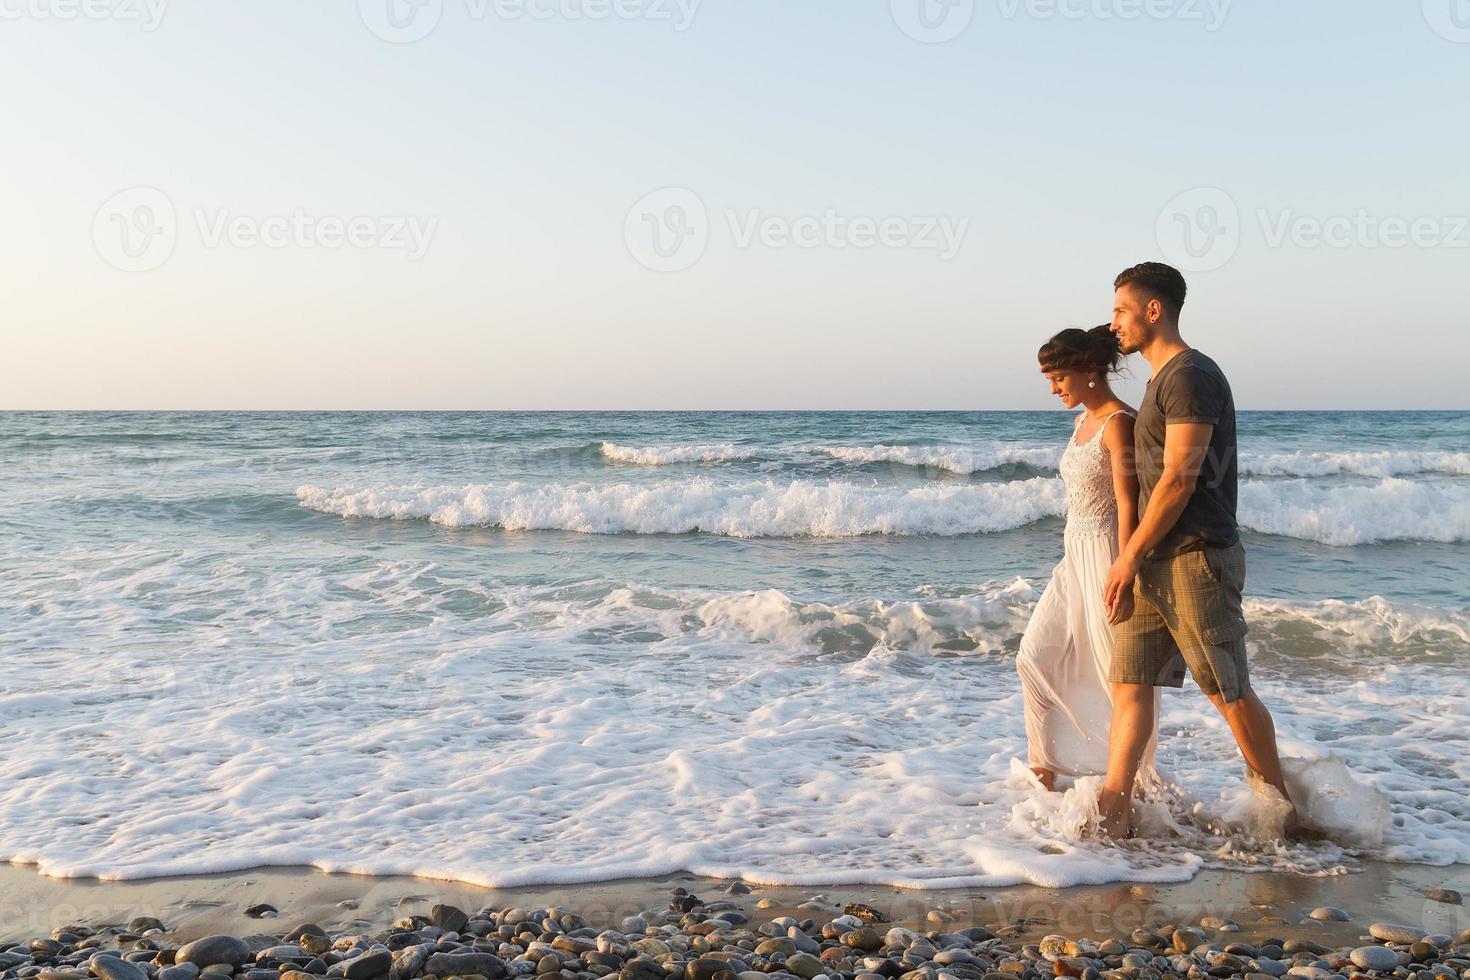 jovem casal gosta de andar em uma praia nebulosa ao entardecer foto